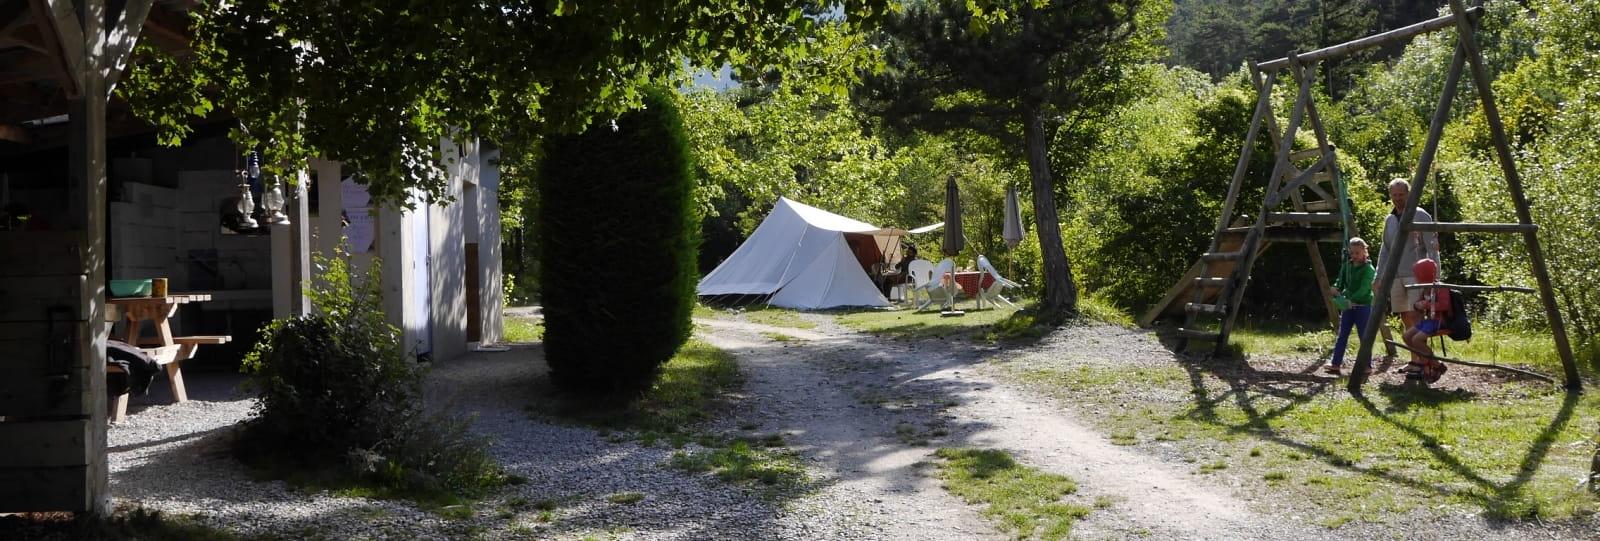 Aire Naturelle de Camping le Moulin du Rivet